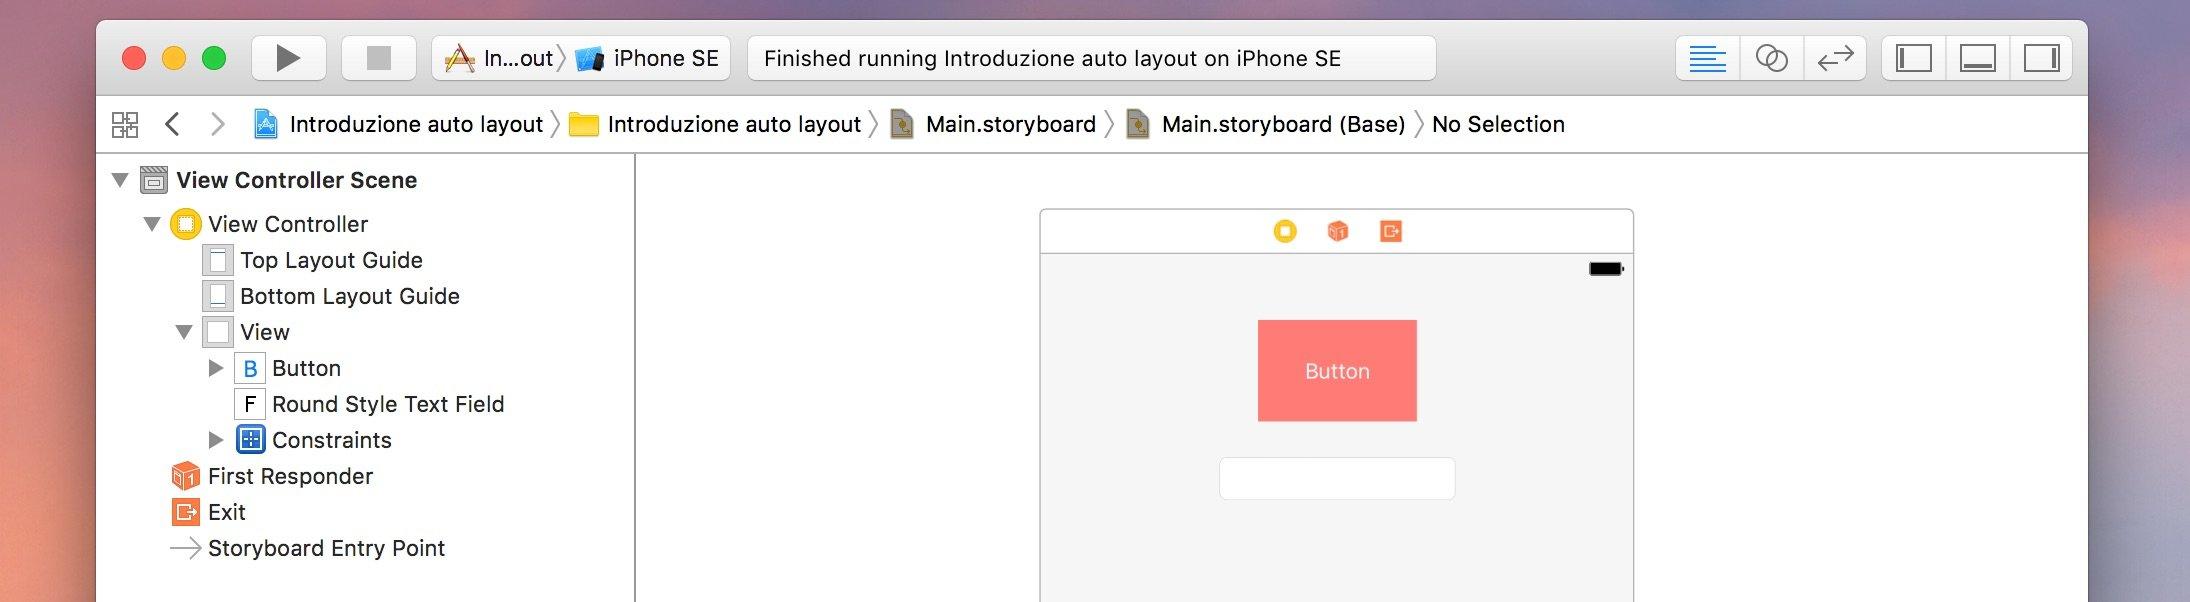 esempio-vincoli-auto-layout-tra-piu-oggetti-xcode